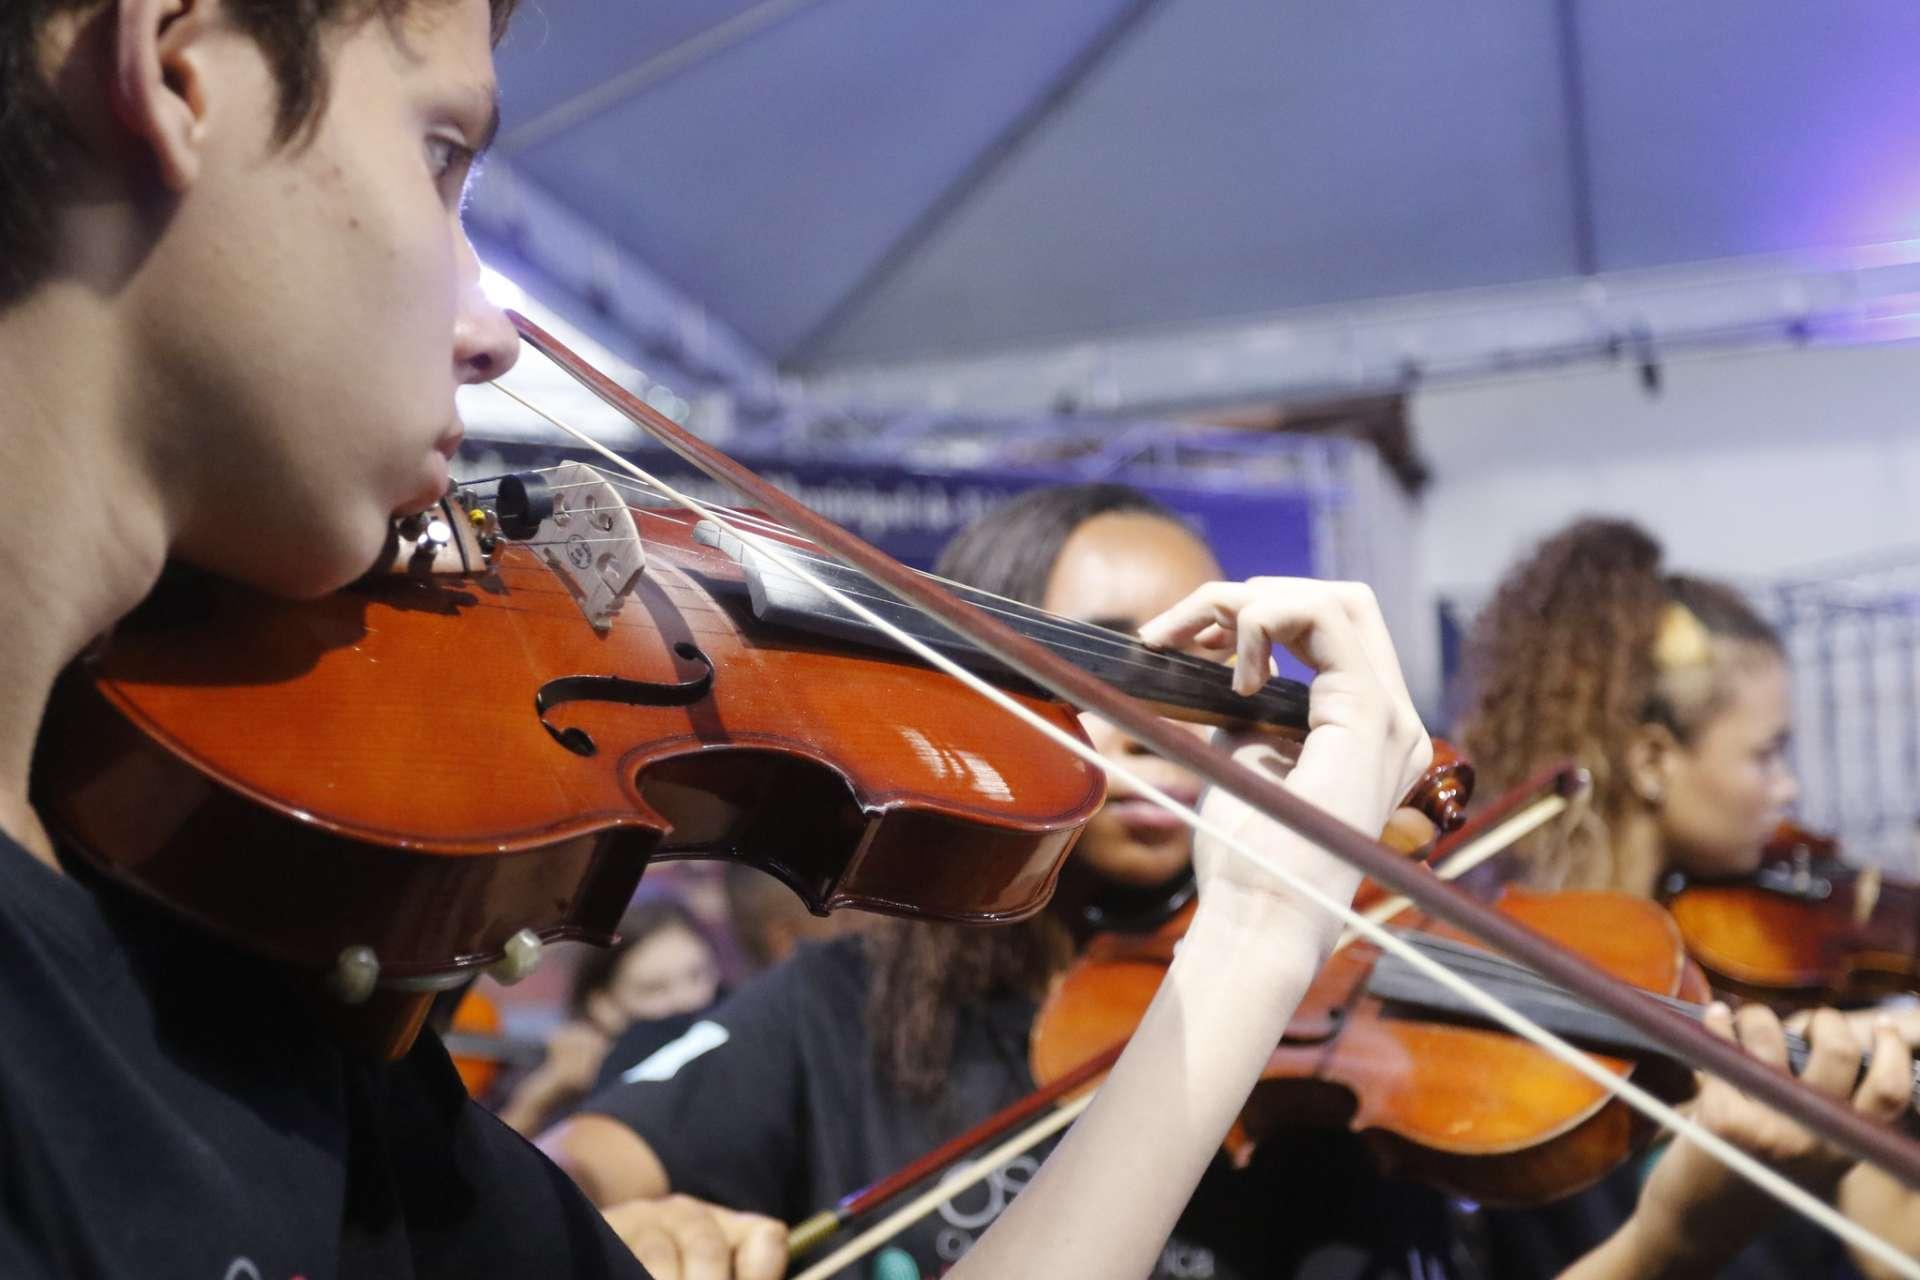 Orquestra Sinfônica Juvenil Carioca. Foto: Marcelo Piu / Prefeitura do Rio